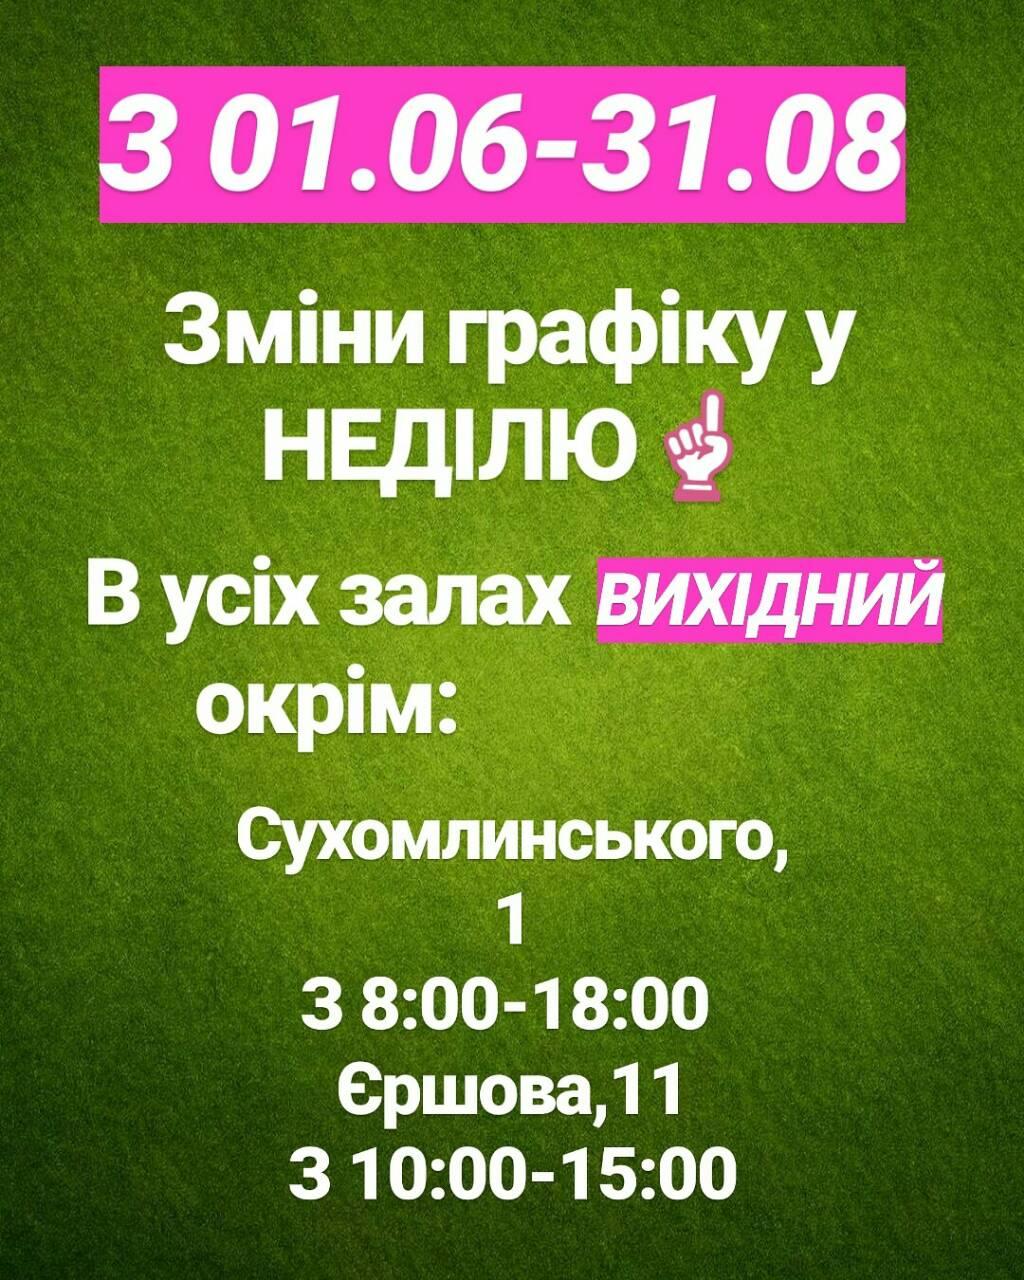 IMG-e221a0b668f1135f1e9ae6c498b36515-V